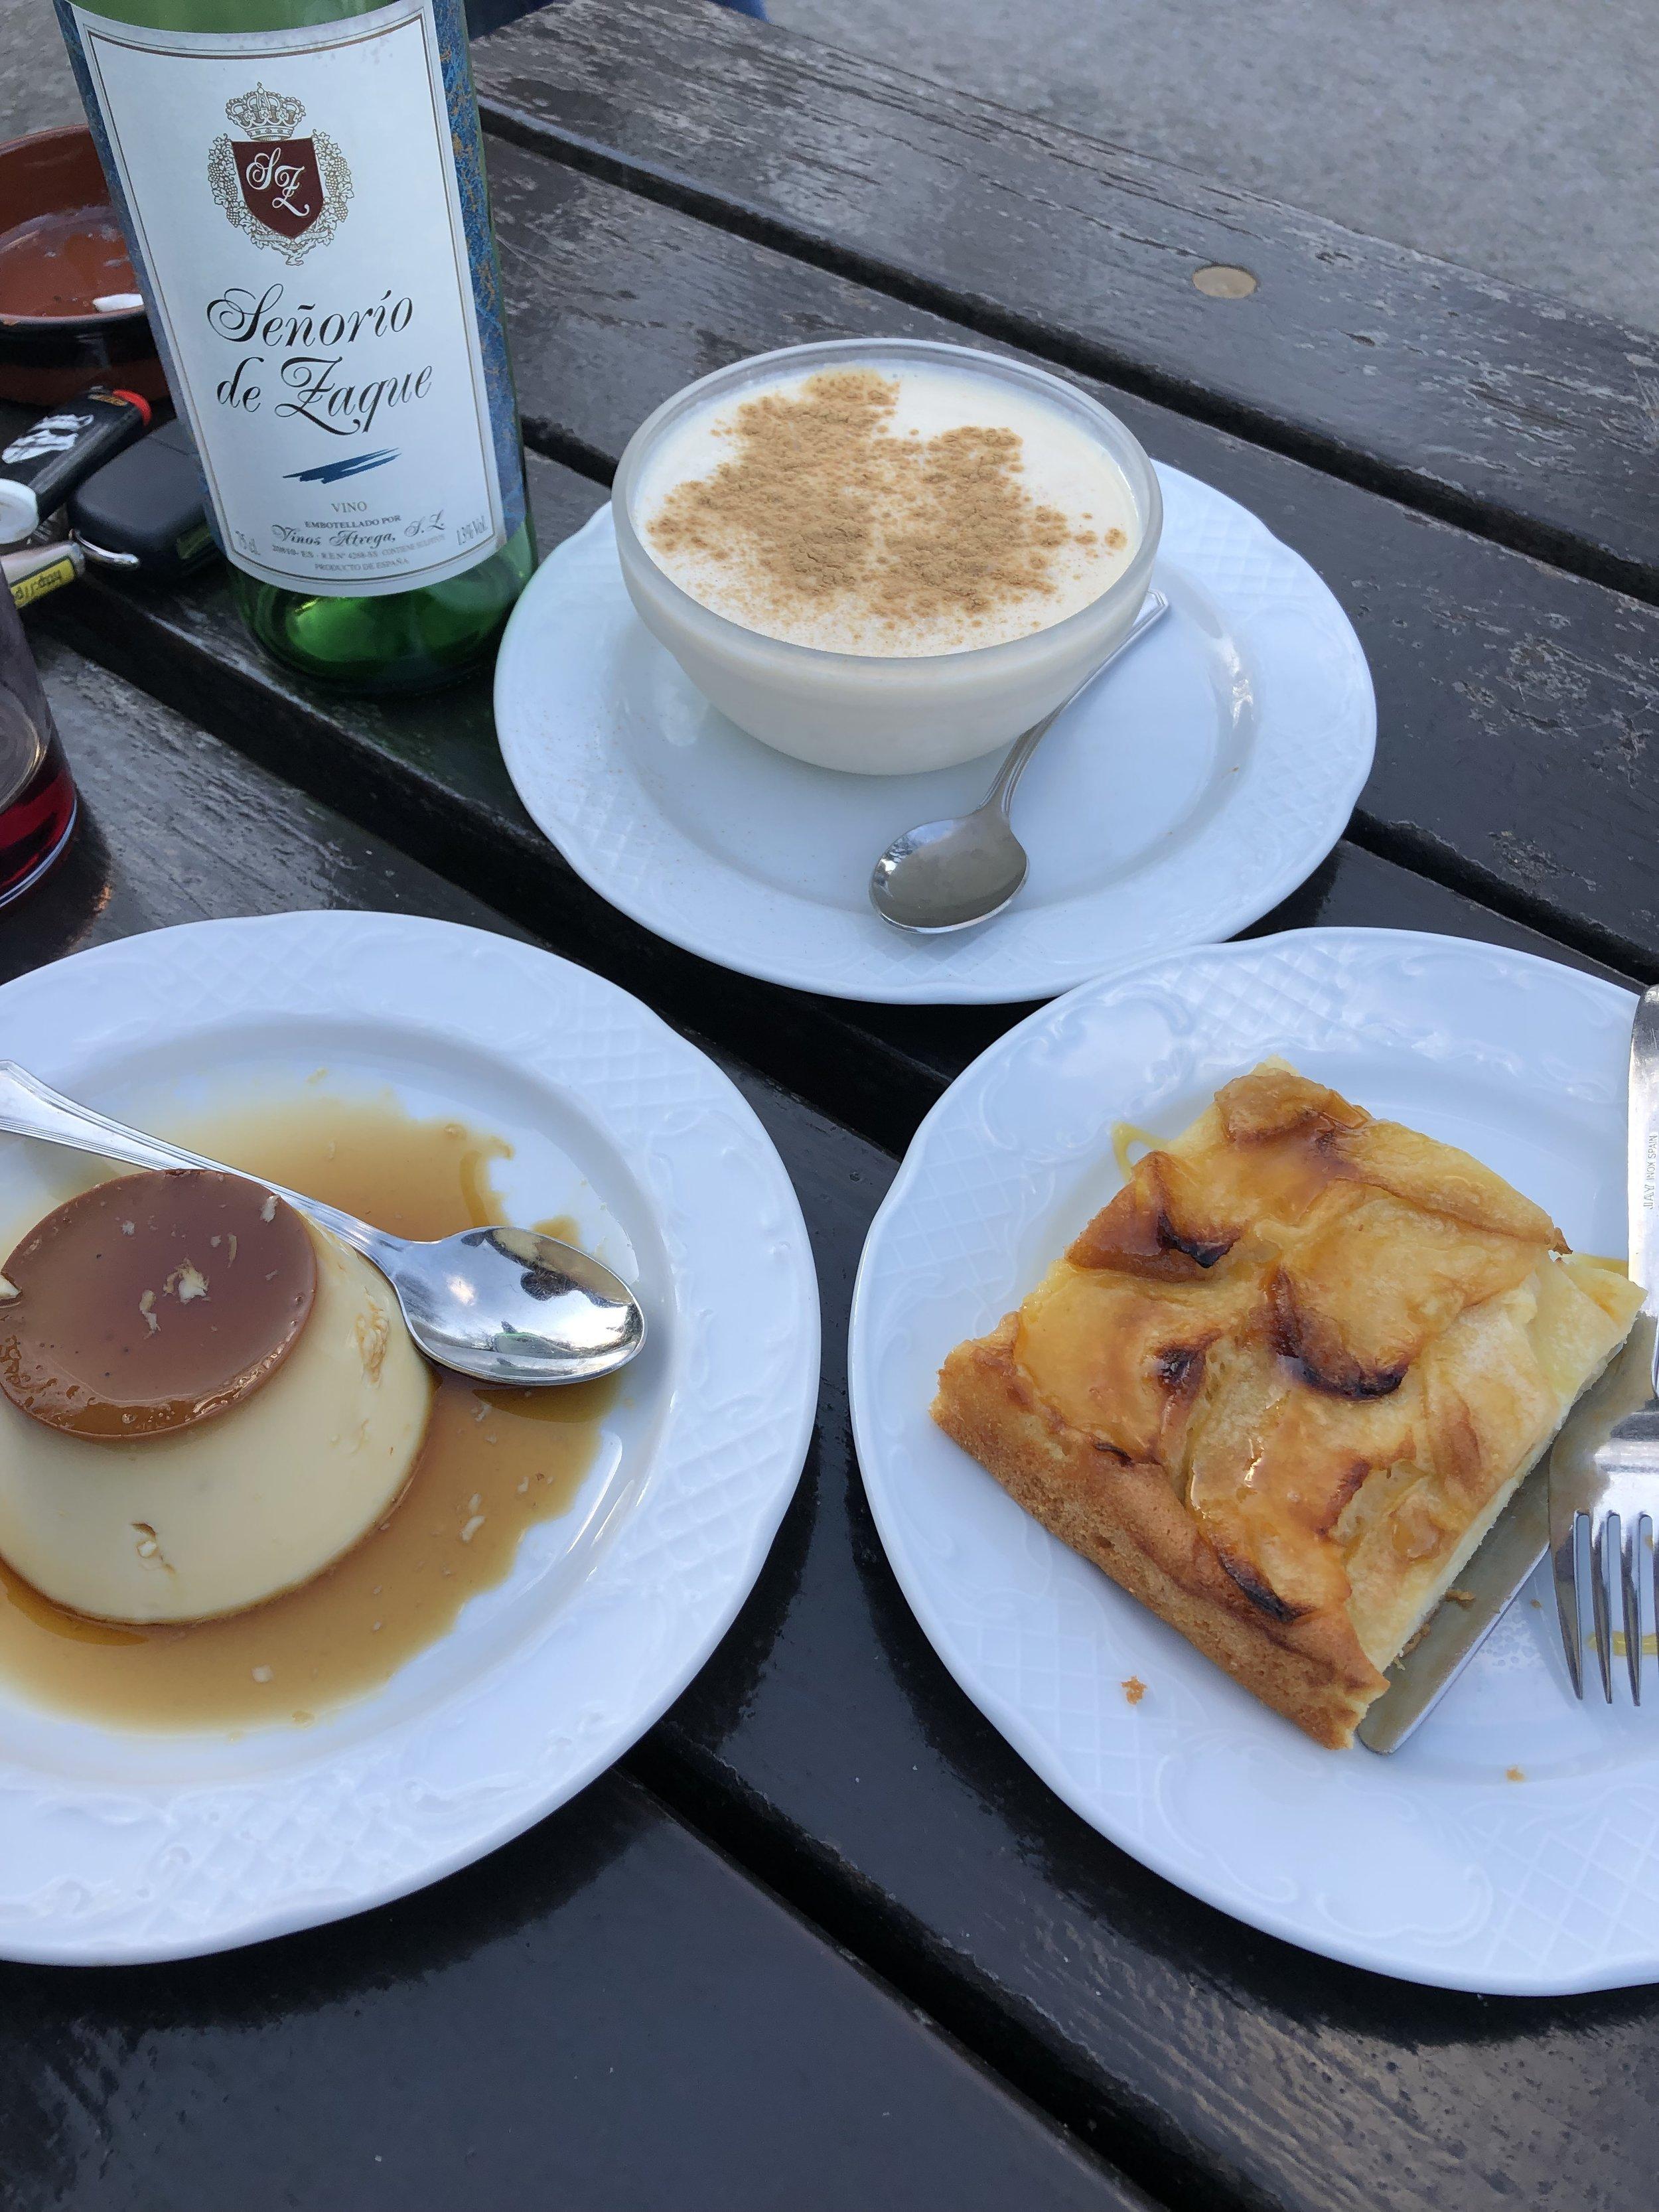 デザートまでついてくる。2人以上だとワインも一本ついてくる。 これで1人€10.50 食後のコーヒーは€1で追加可能。 安過ぎて涙出そうだった。 パリではあり得なかった満腹感。